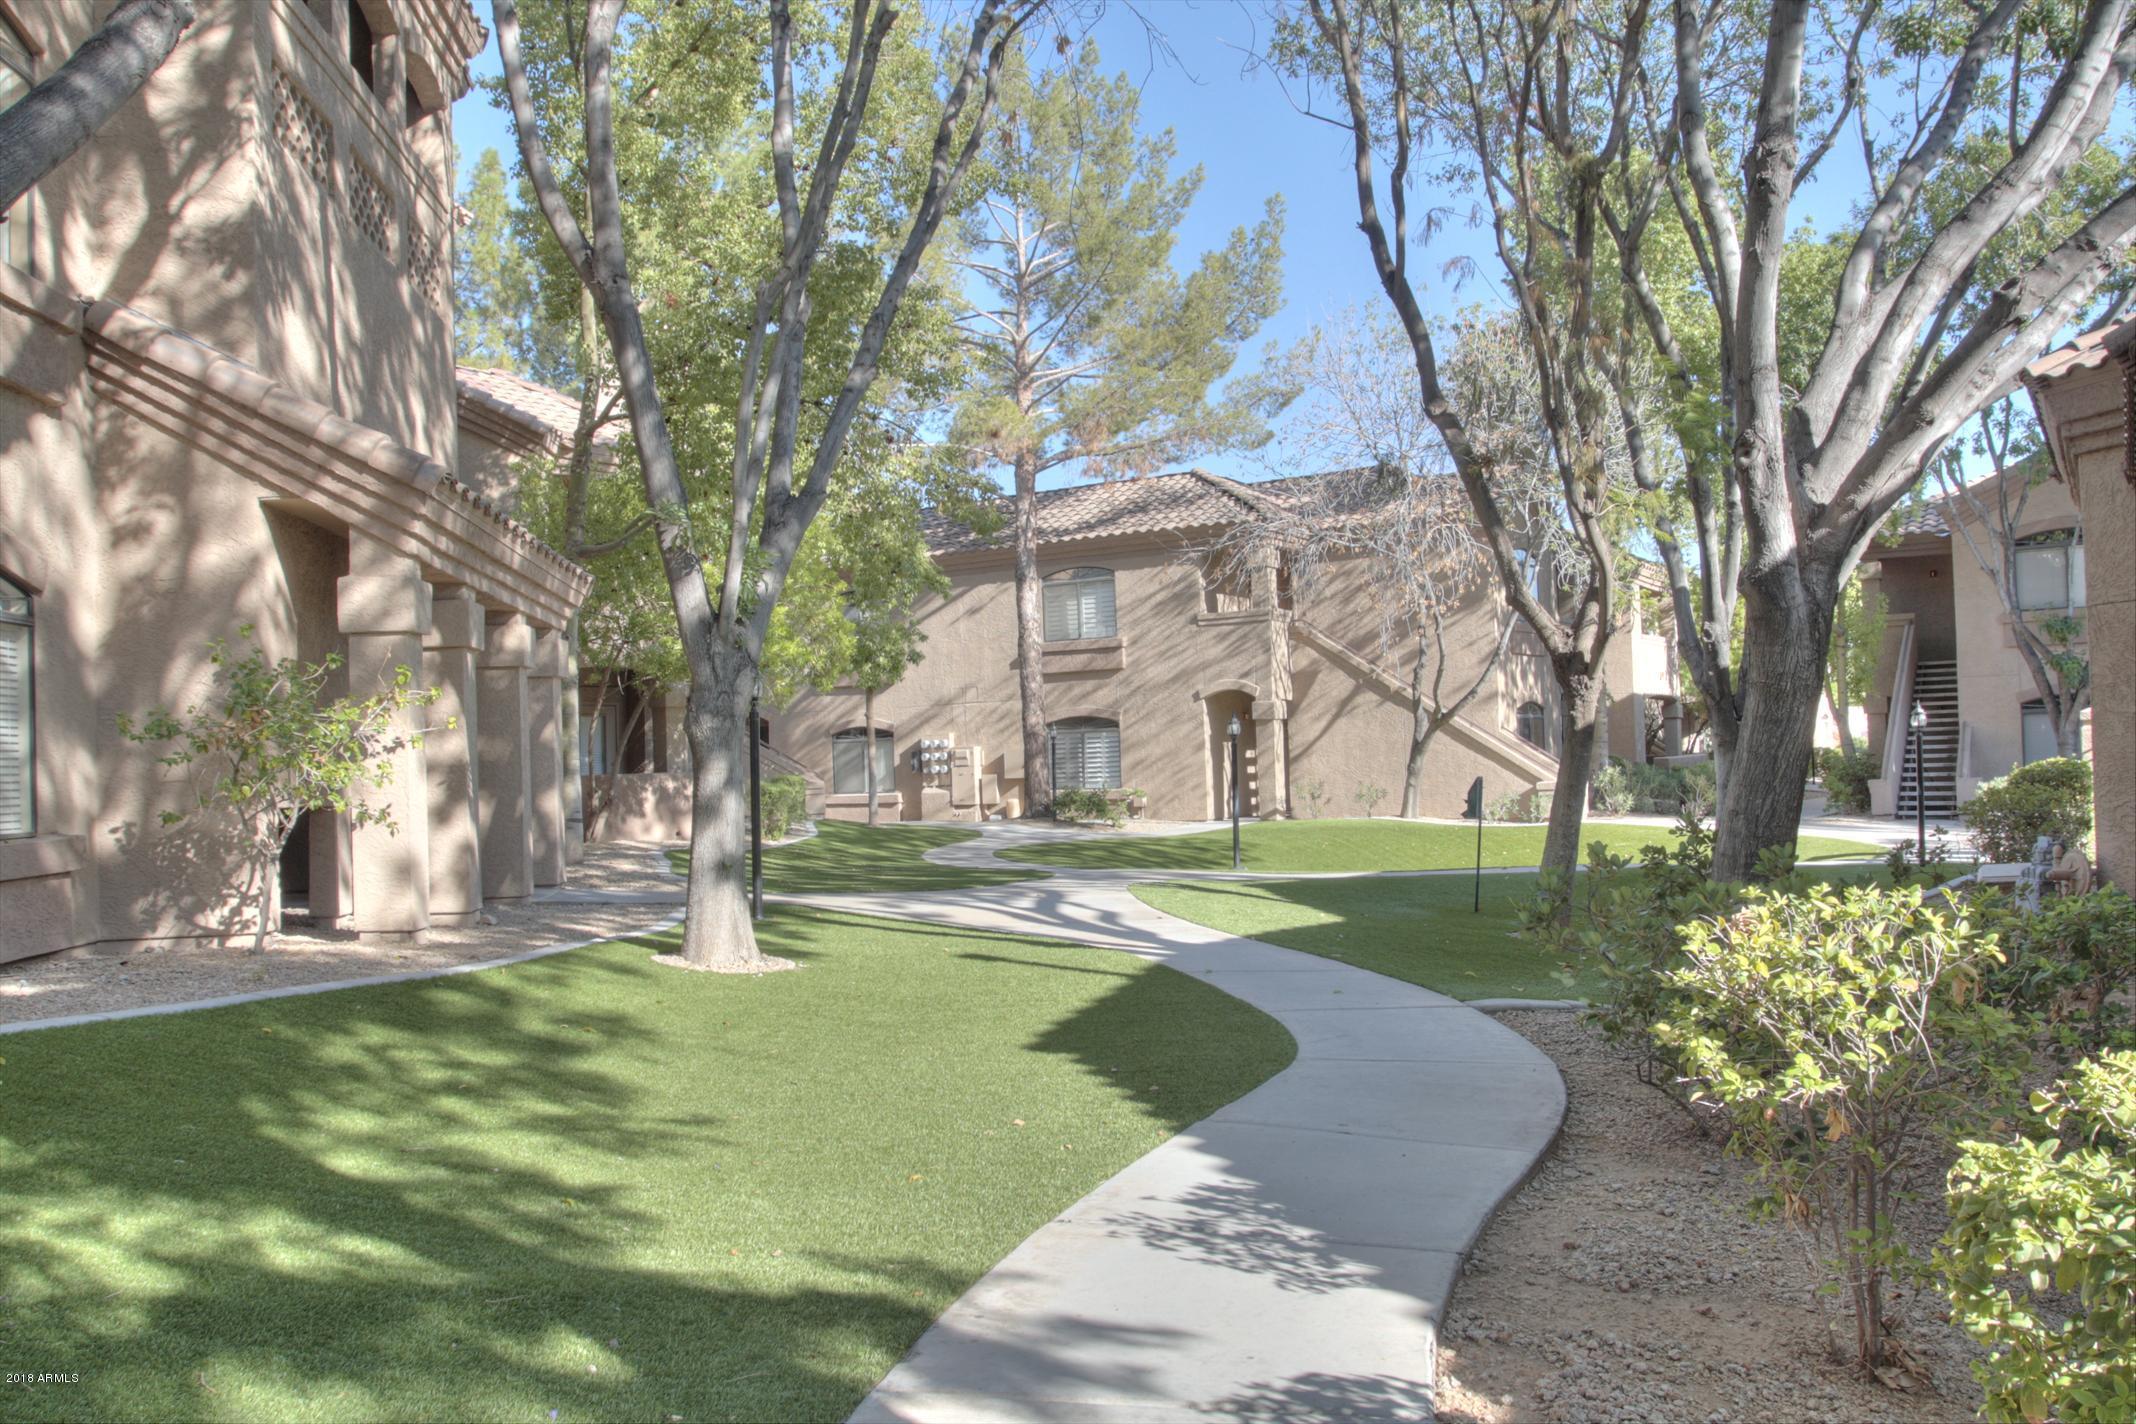 MLS 5834871 15095 N Thompson Peak Parkway Unit 2060 Building 9, Scottsdale, AZ 85260 Scottsdale AZ Scottsdale Airpark Area